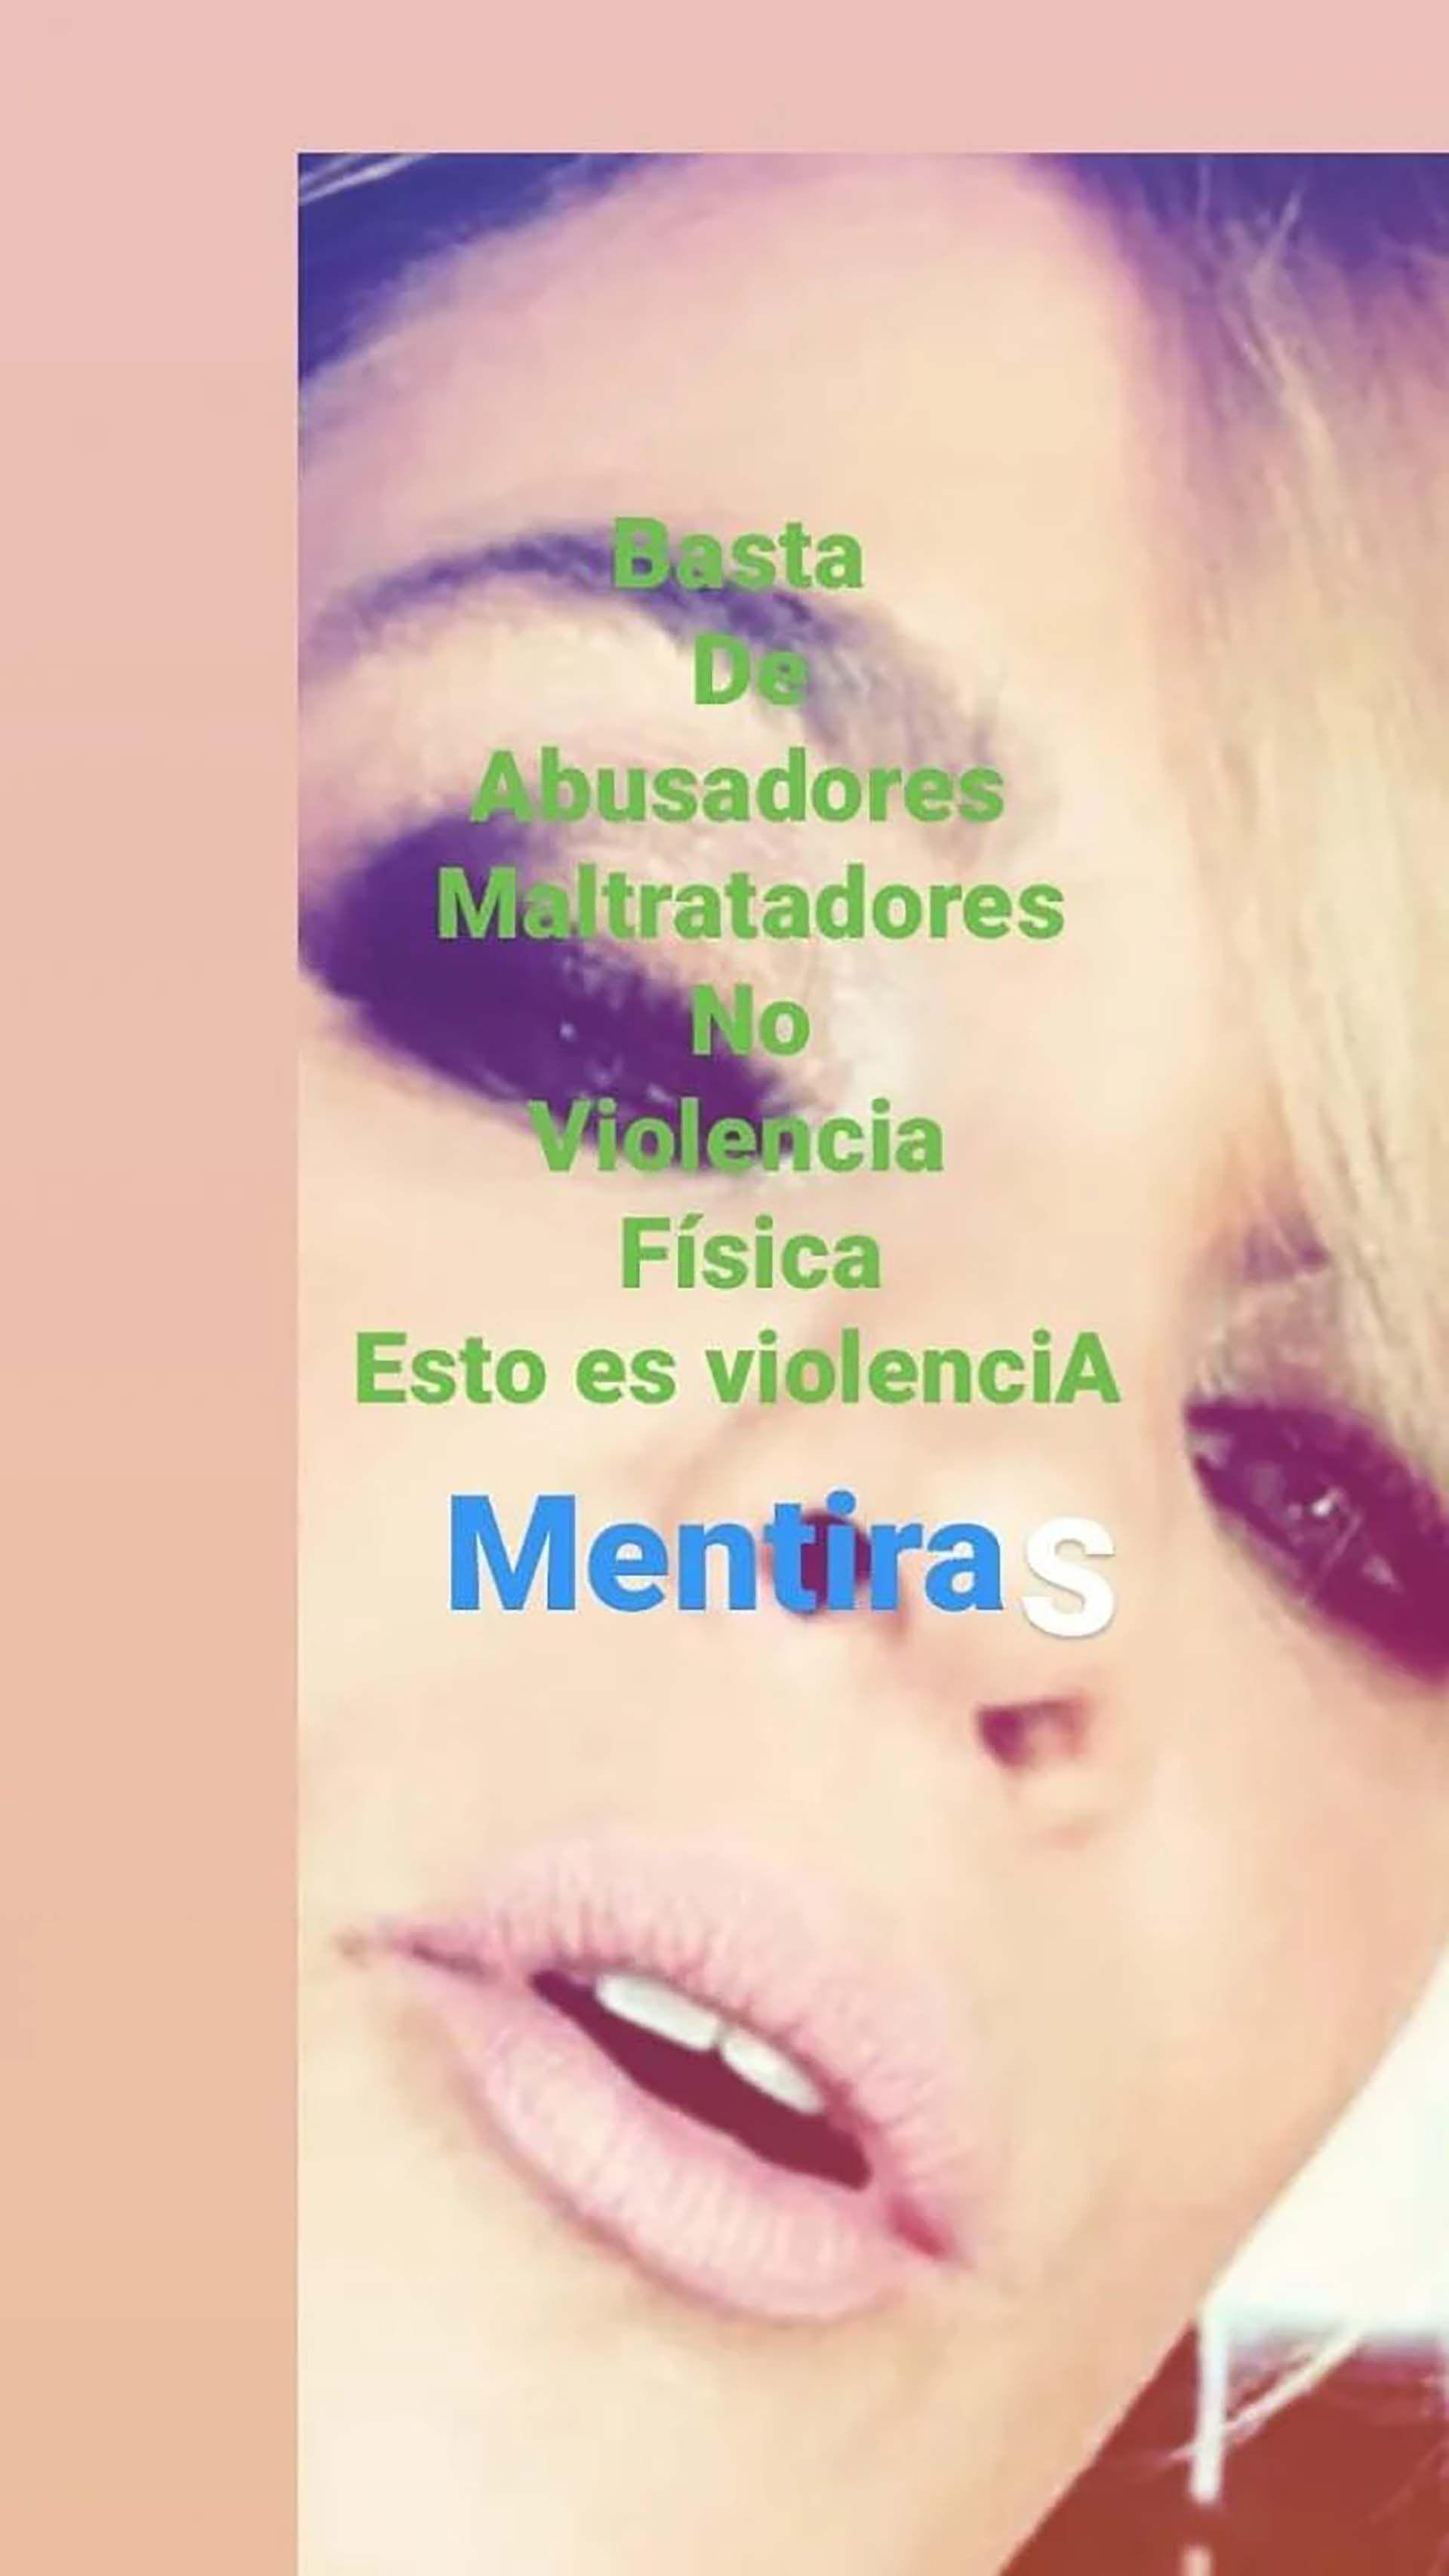 El mensaje de Leticia Brédice (Foto: Instagram)